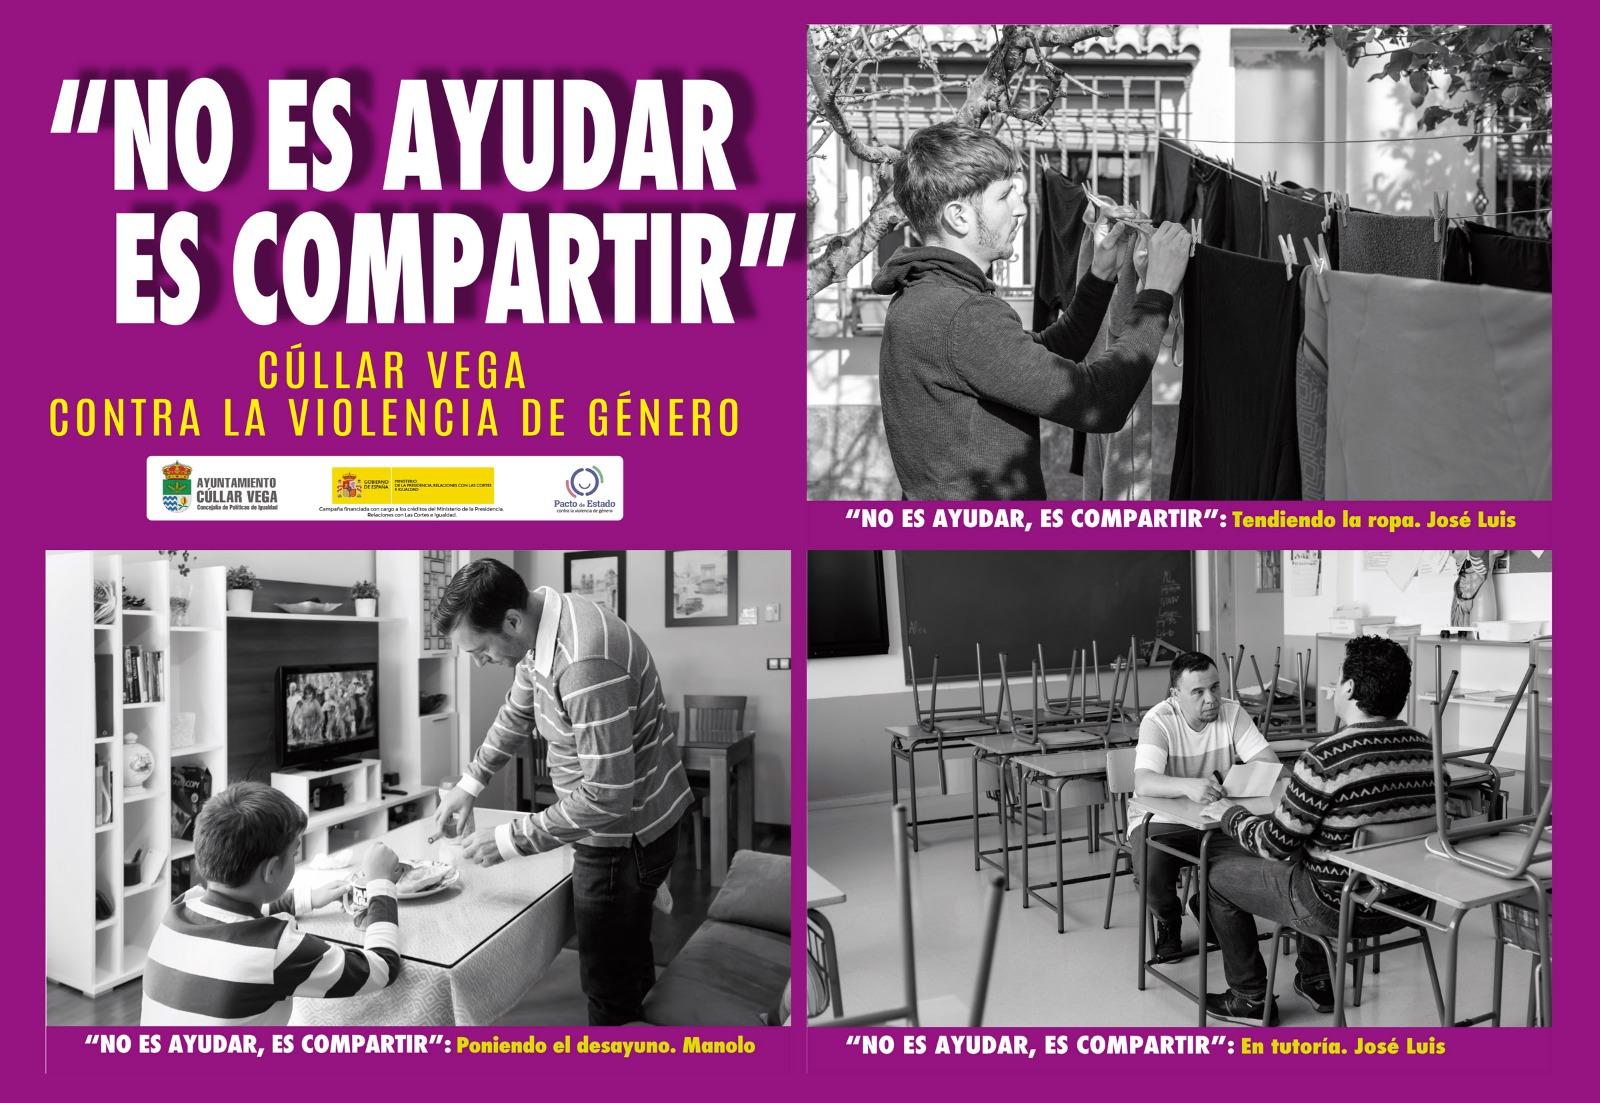 Cúllar Vega edita un calendario bajo el lema 'No es ayudar, es compartir' para promover nuevos modelos de masculinidad